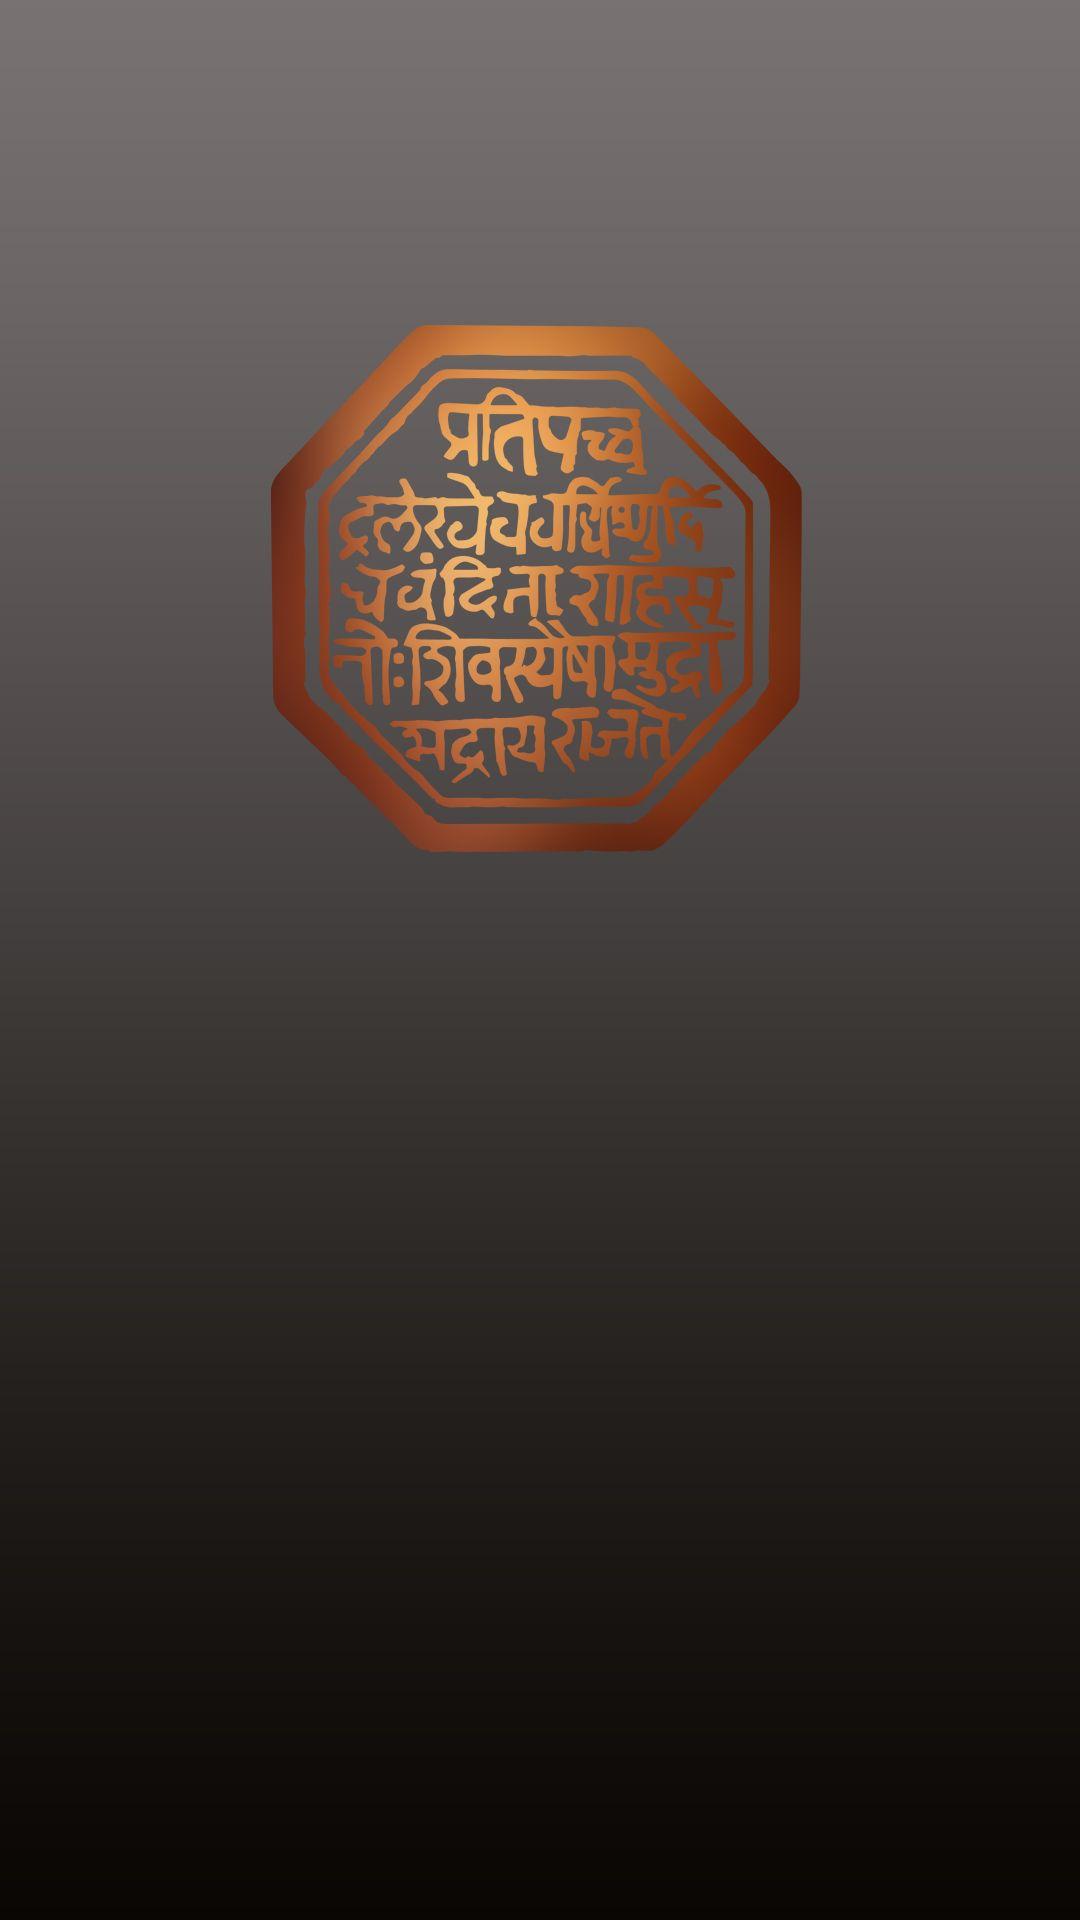 shivaji maharaj rajmudra wallpaper in fhd 1920 1080 iphone 6 plus